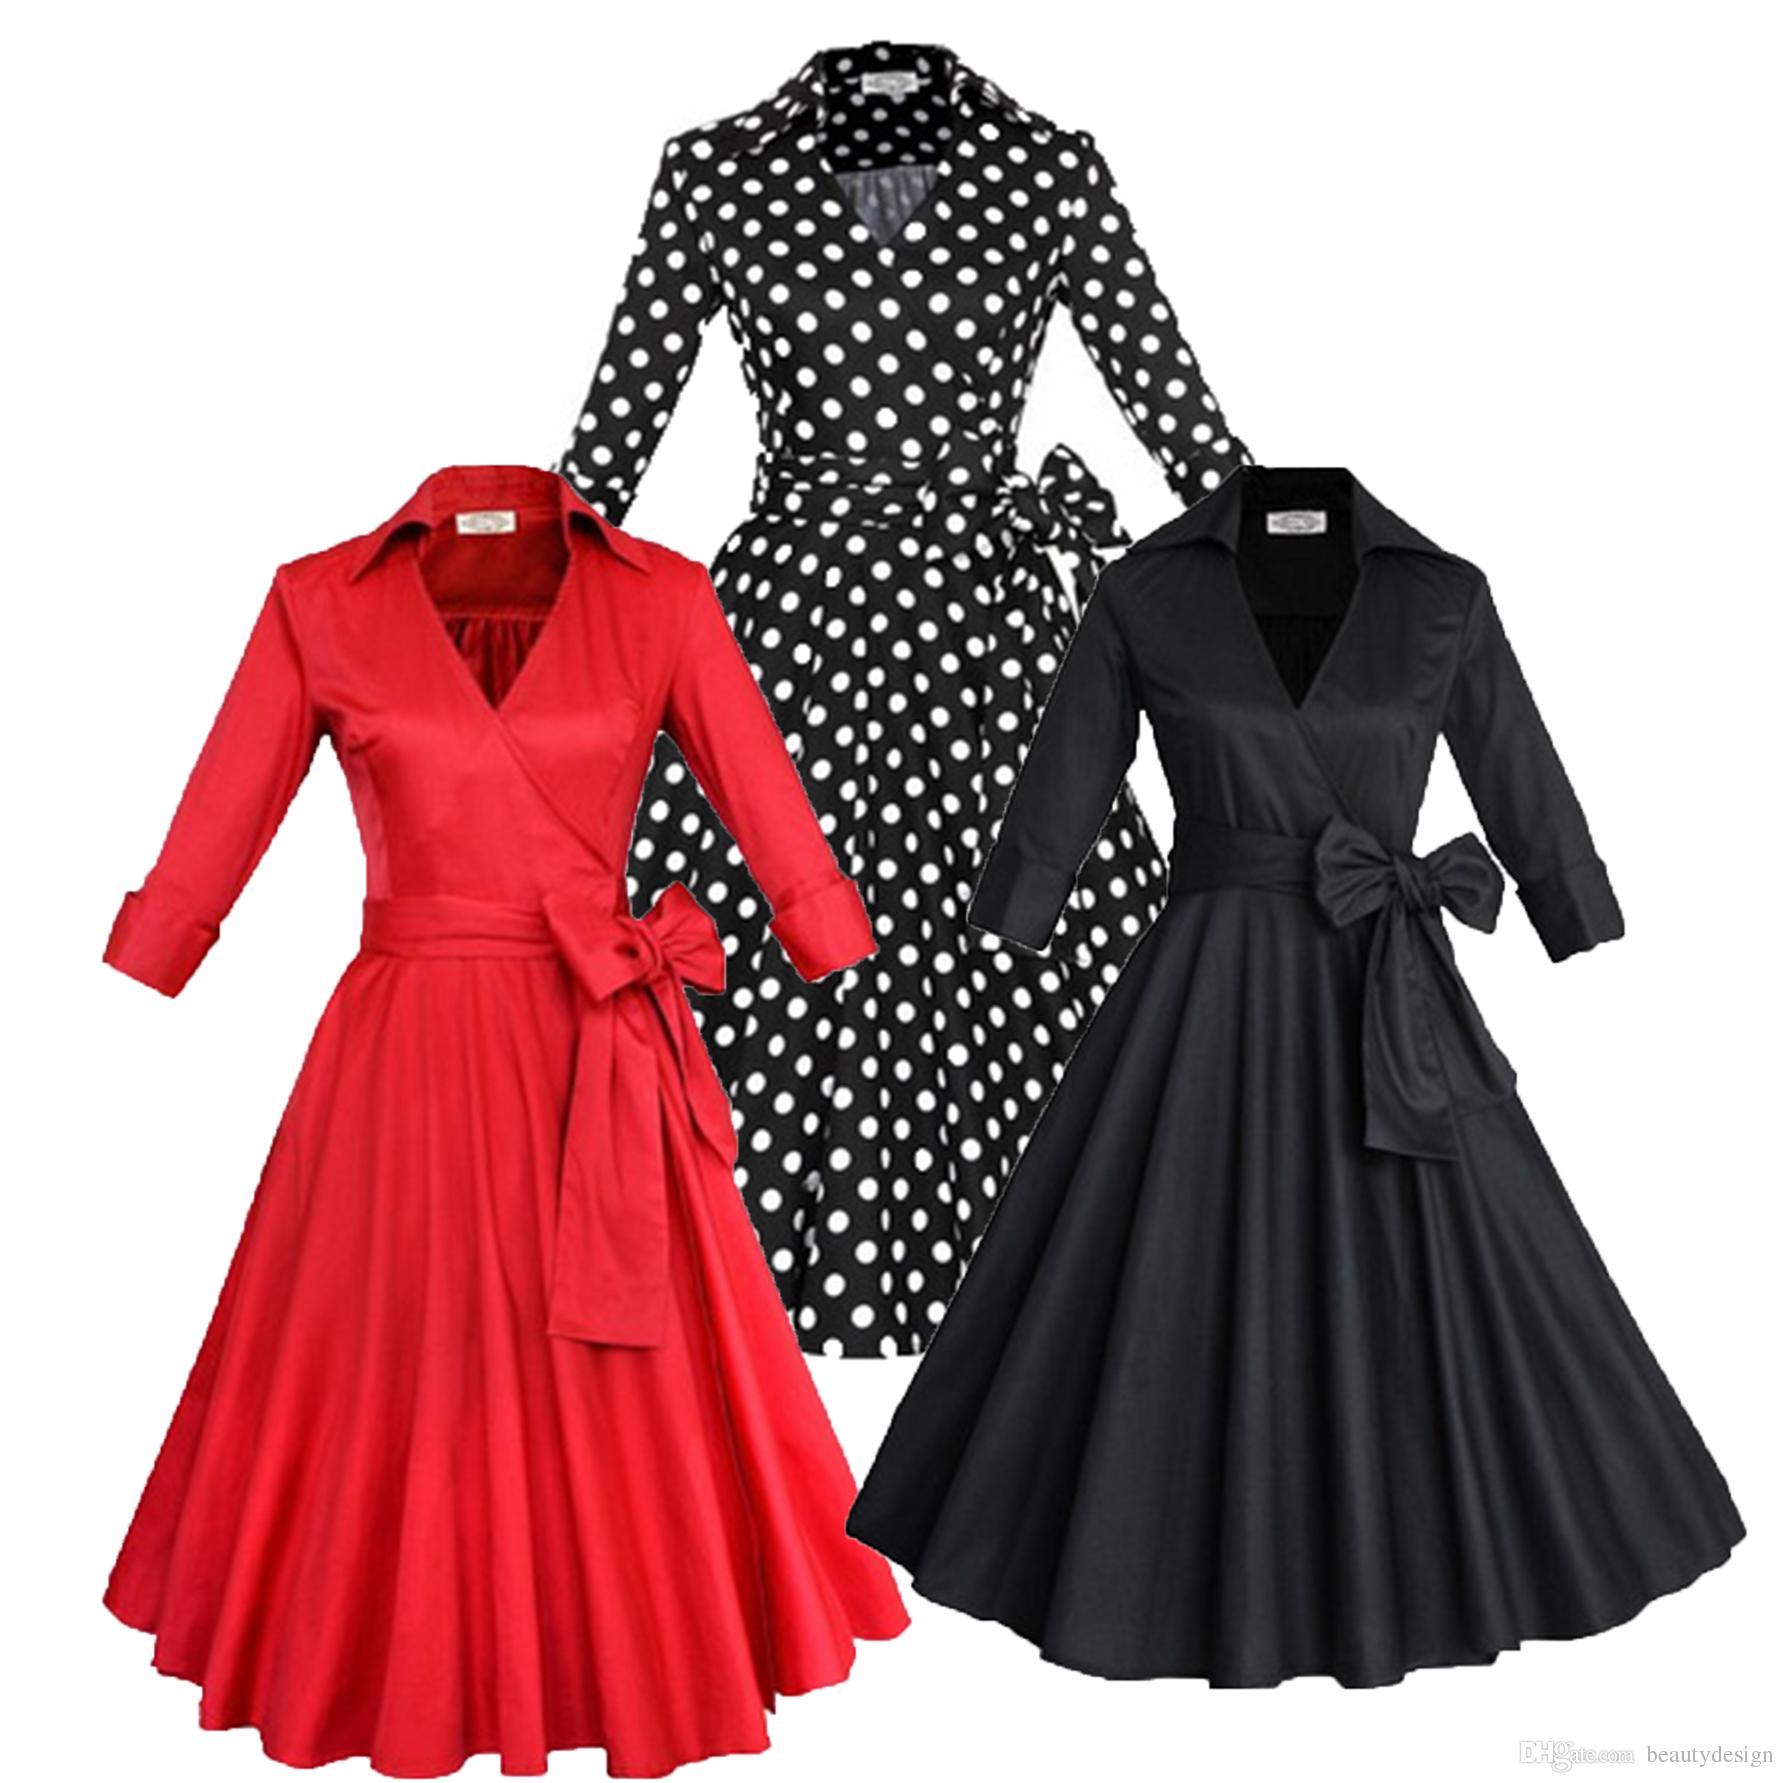 European fall winter long sleeves big ruffles women plus size clothing